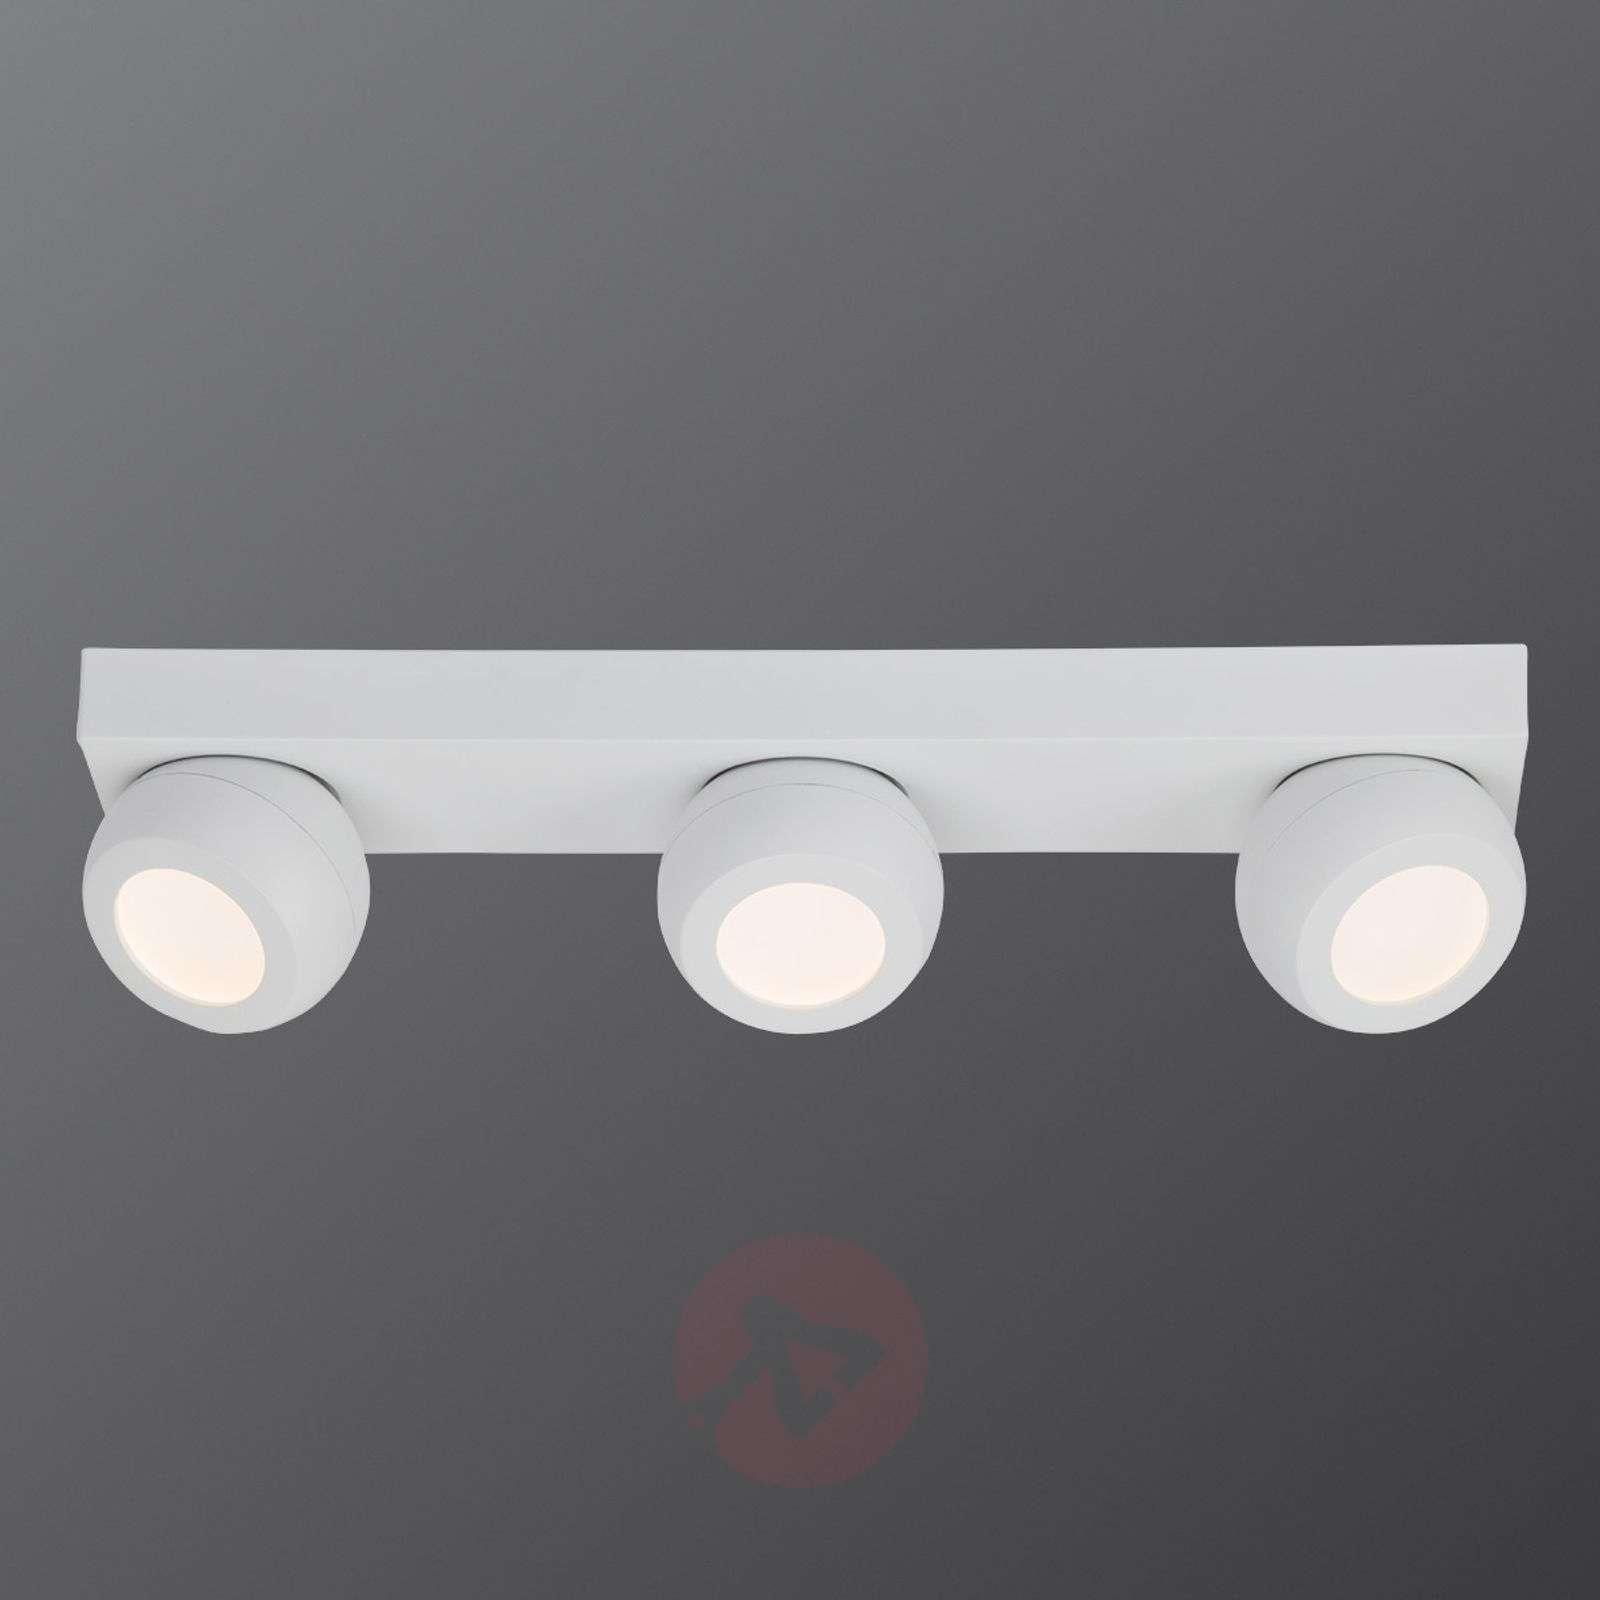 Balleo kolmilamppuinen LED-kattospotti AEG:lta-3057043-01